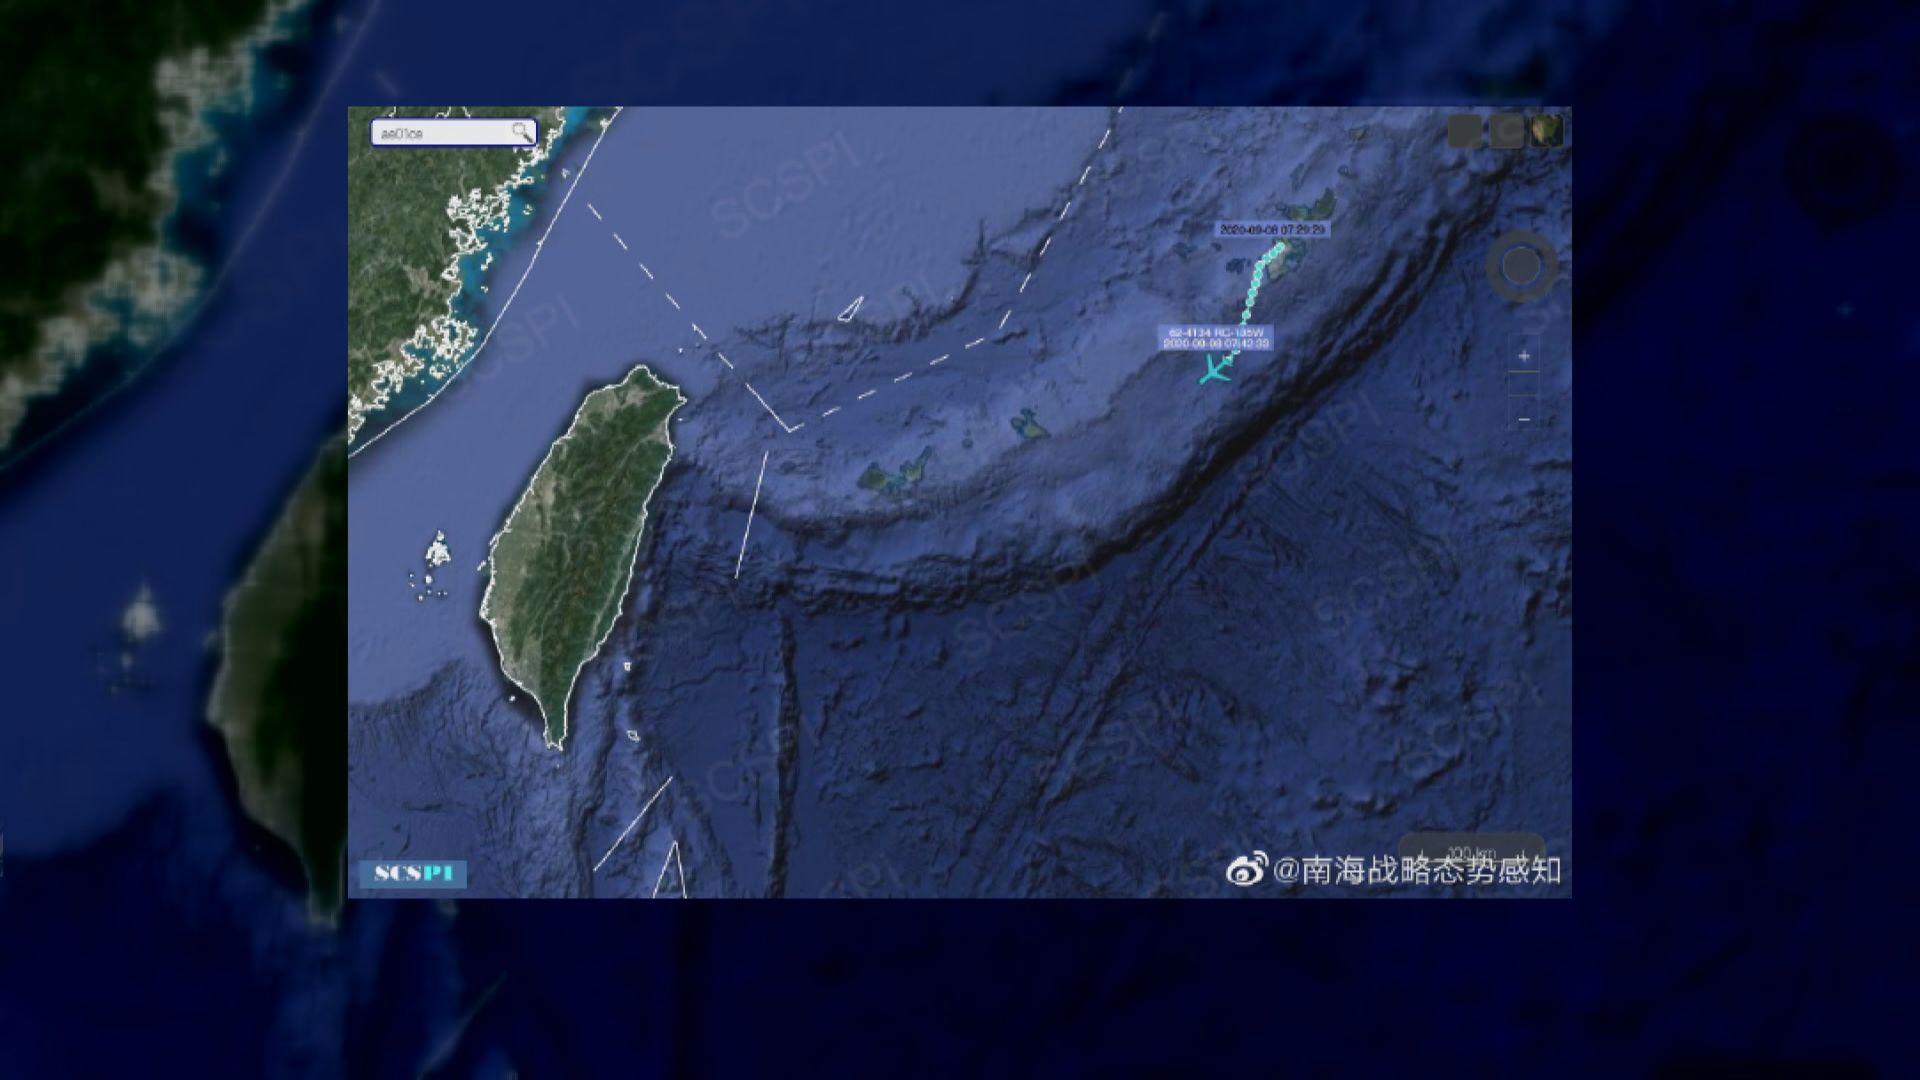 內地智庫:美偵察機疑偽裝成大馬飛機偵察南海